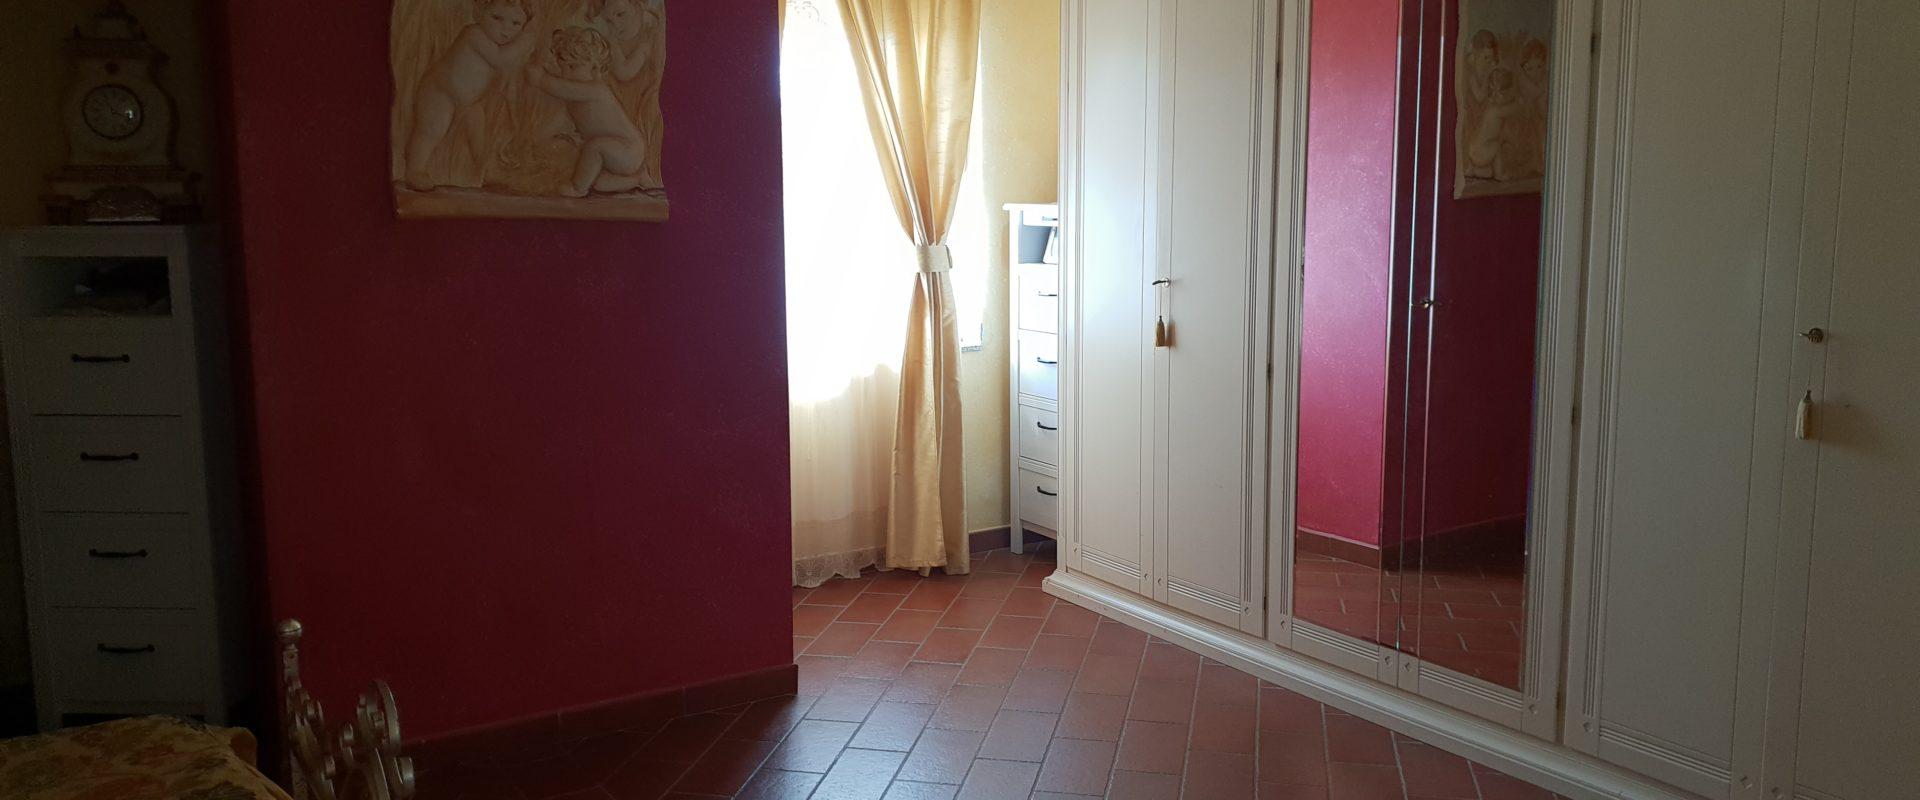 Appartamento su due piani in vendita pressi Viale Giostra